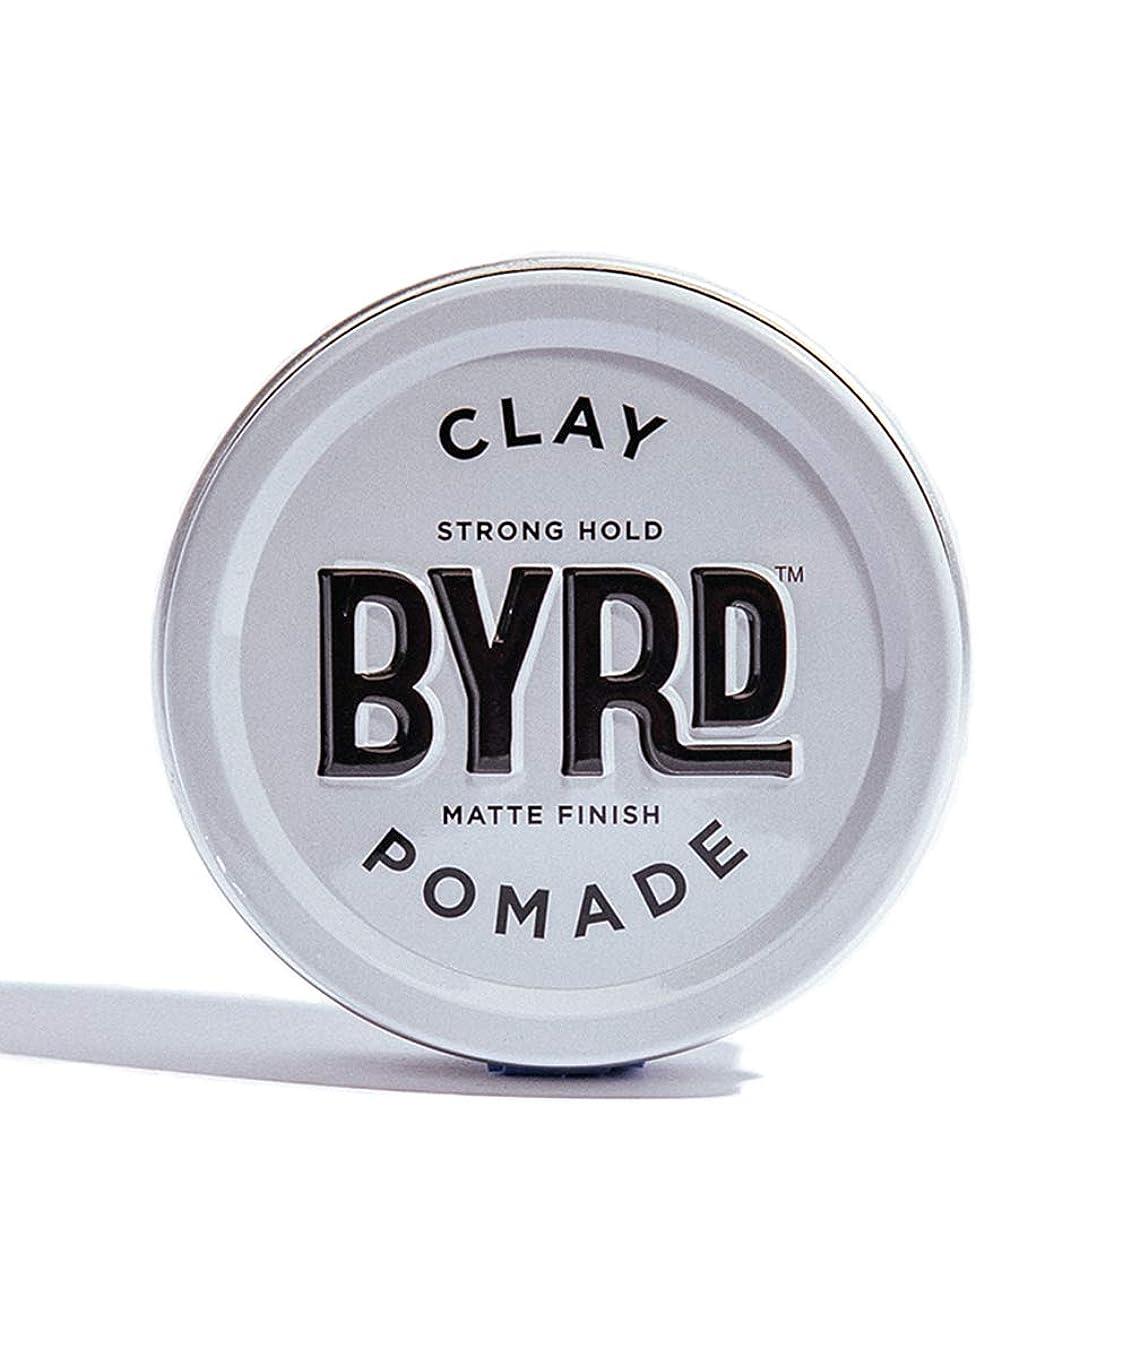 母性学習者気づくBYRD/クレイポマード 95g メンズコスメ ワックス ヘアスタイリング かっこいい モテ髪